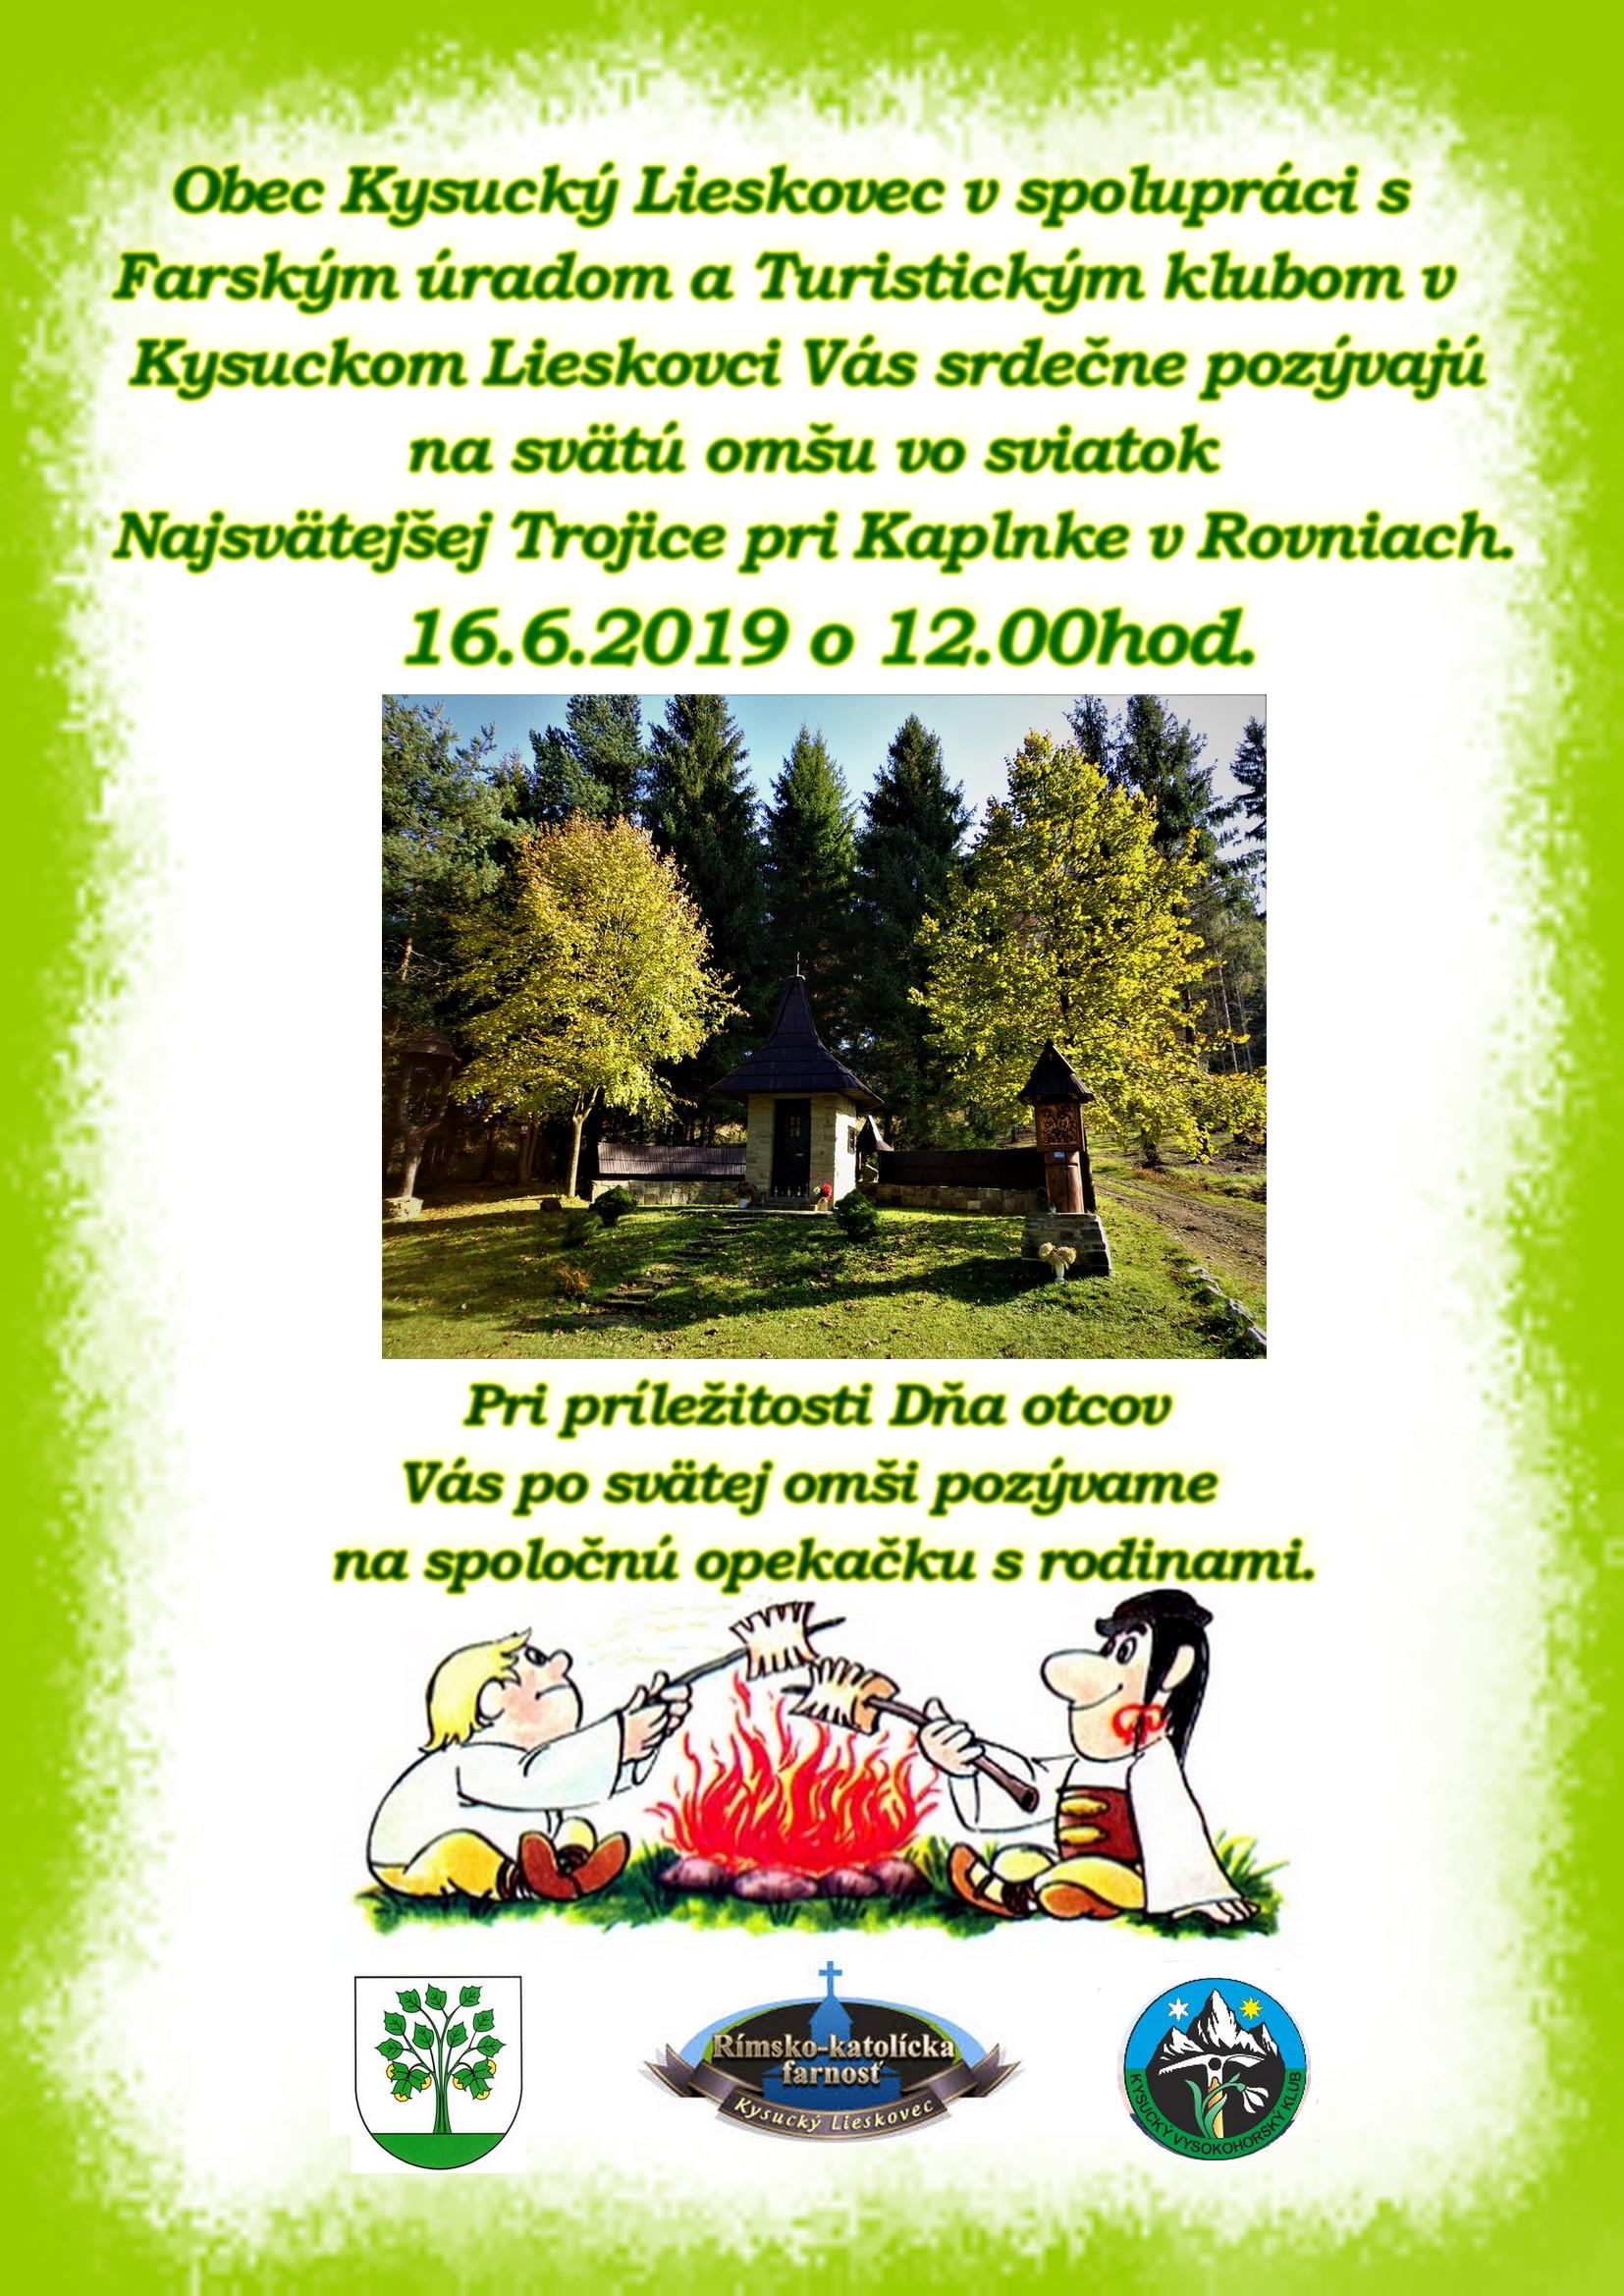 Selo Kysucky Lieskovec u suradnji s Župnim uredom i Turističkim klubom u Kysuckyju Lieskovcu pozivaju vas na sv. 16. lipnja 2019. u 12:00 sati